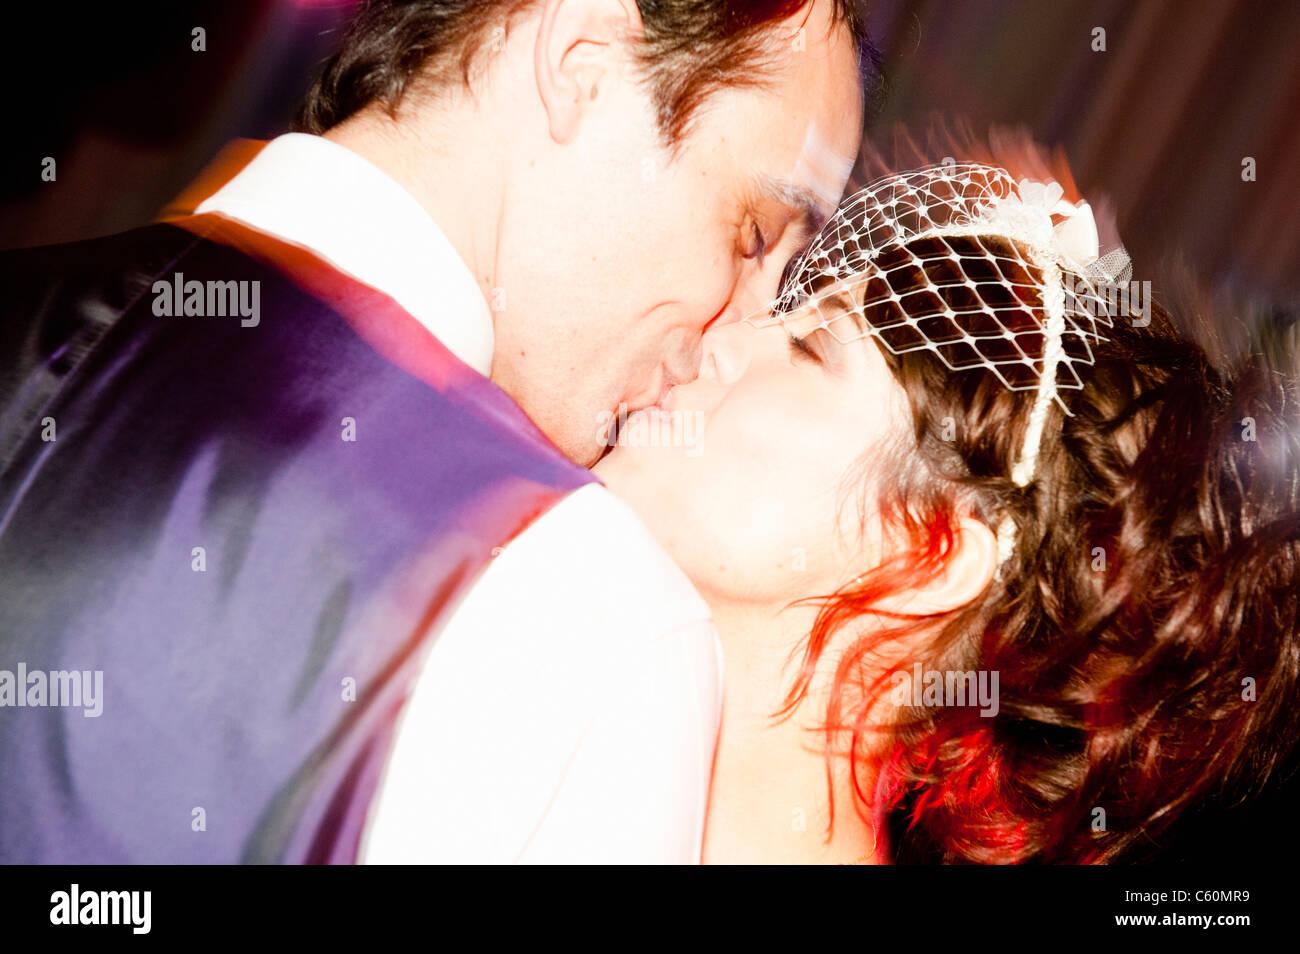 Novia pareja besándose en la recepción Imagen De Stock